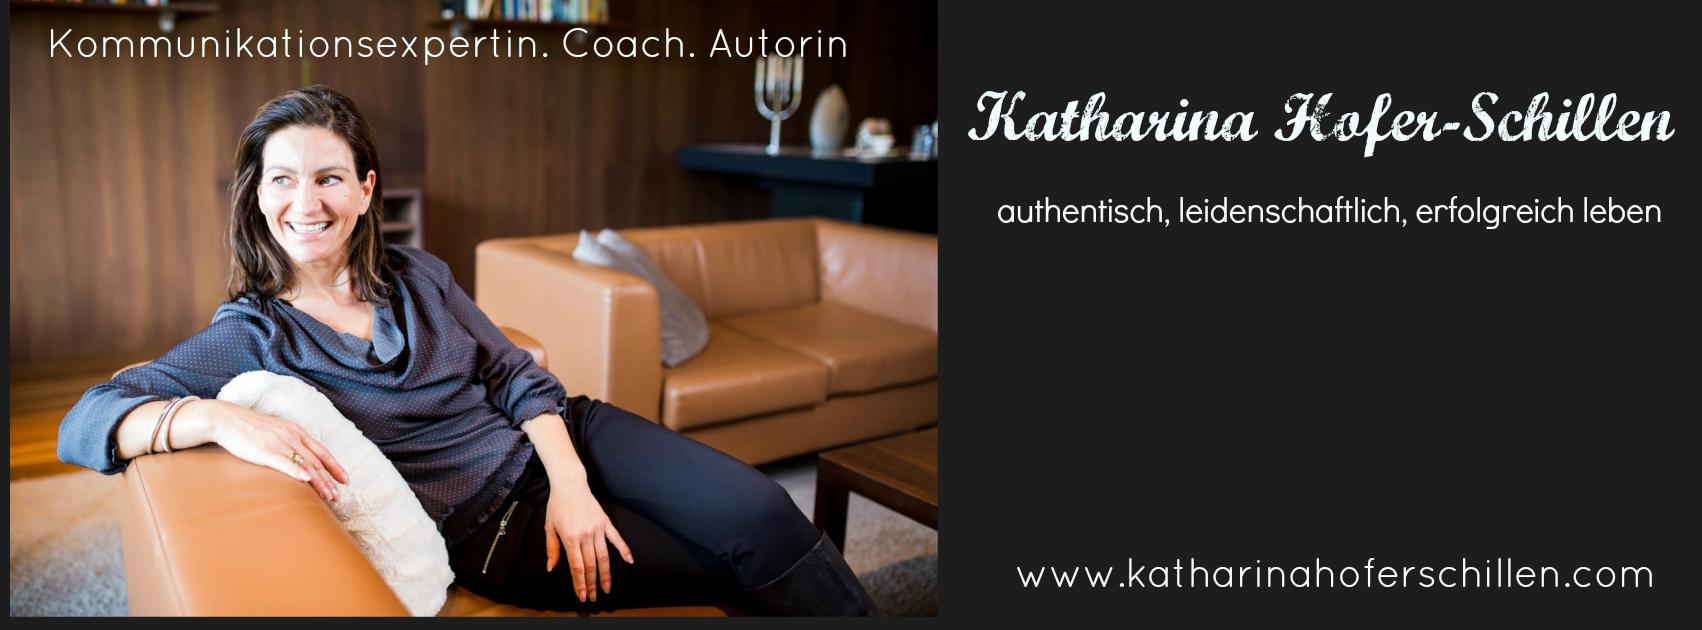 Katharina Hofer-Schillen, Die Mami Challenge